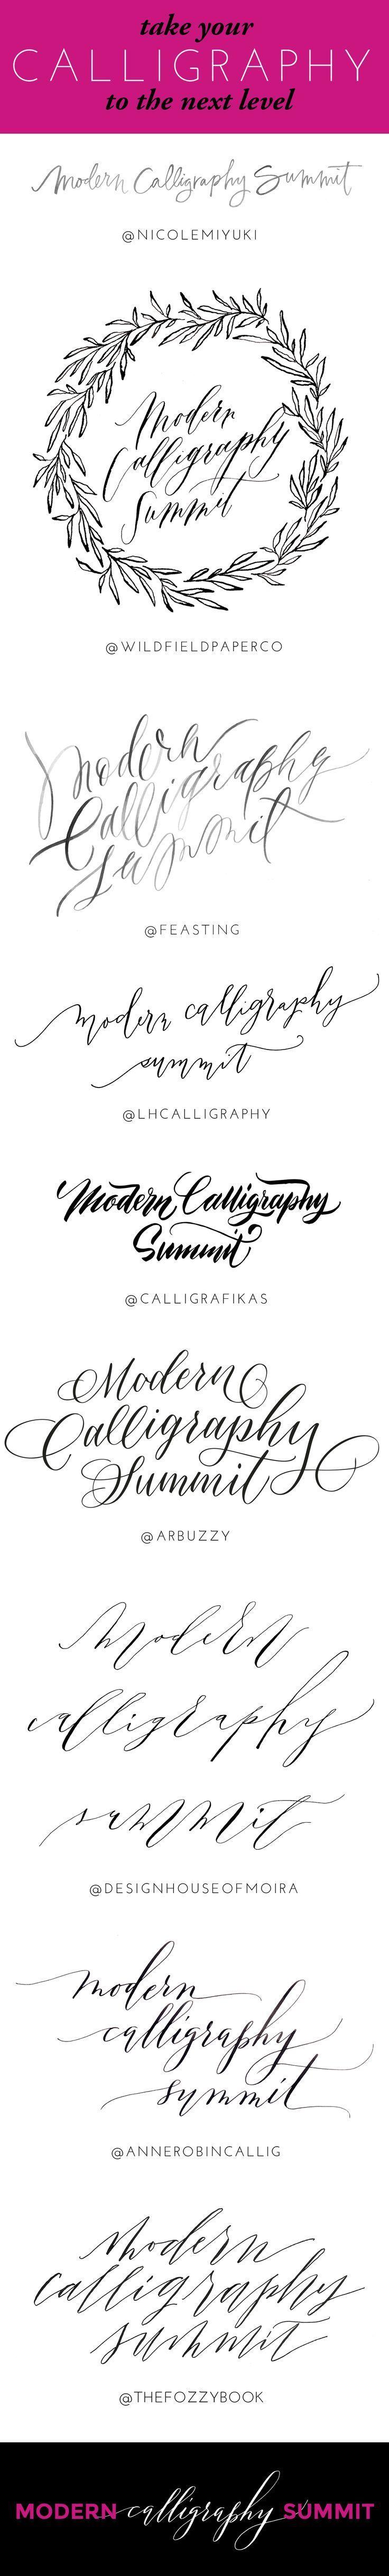 Learn modern calligraphy brush lettering